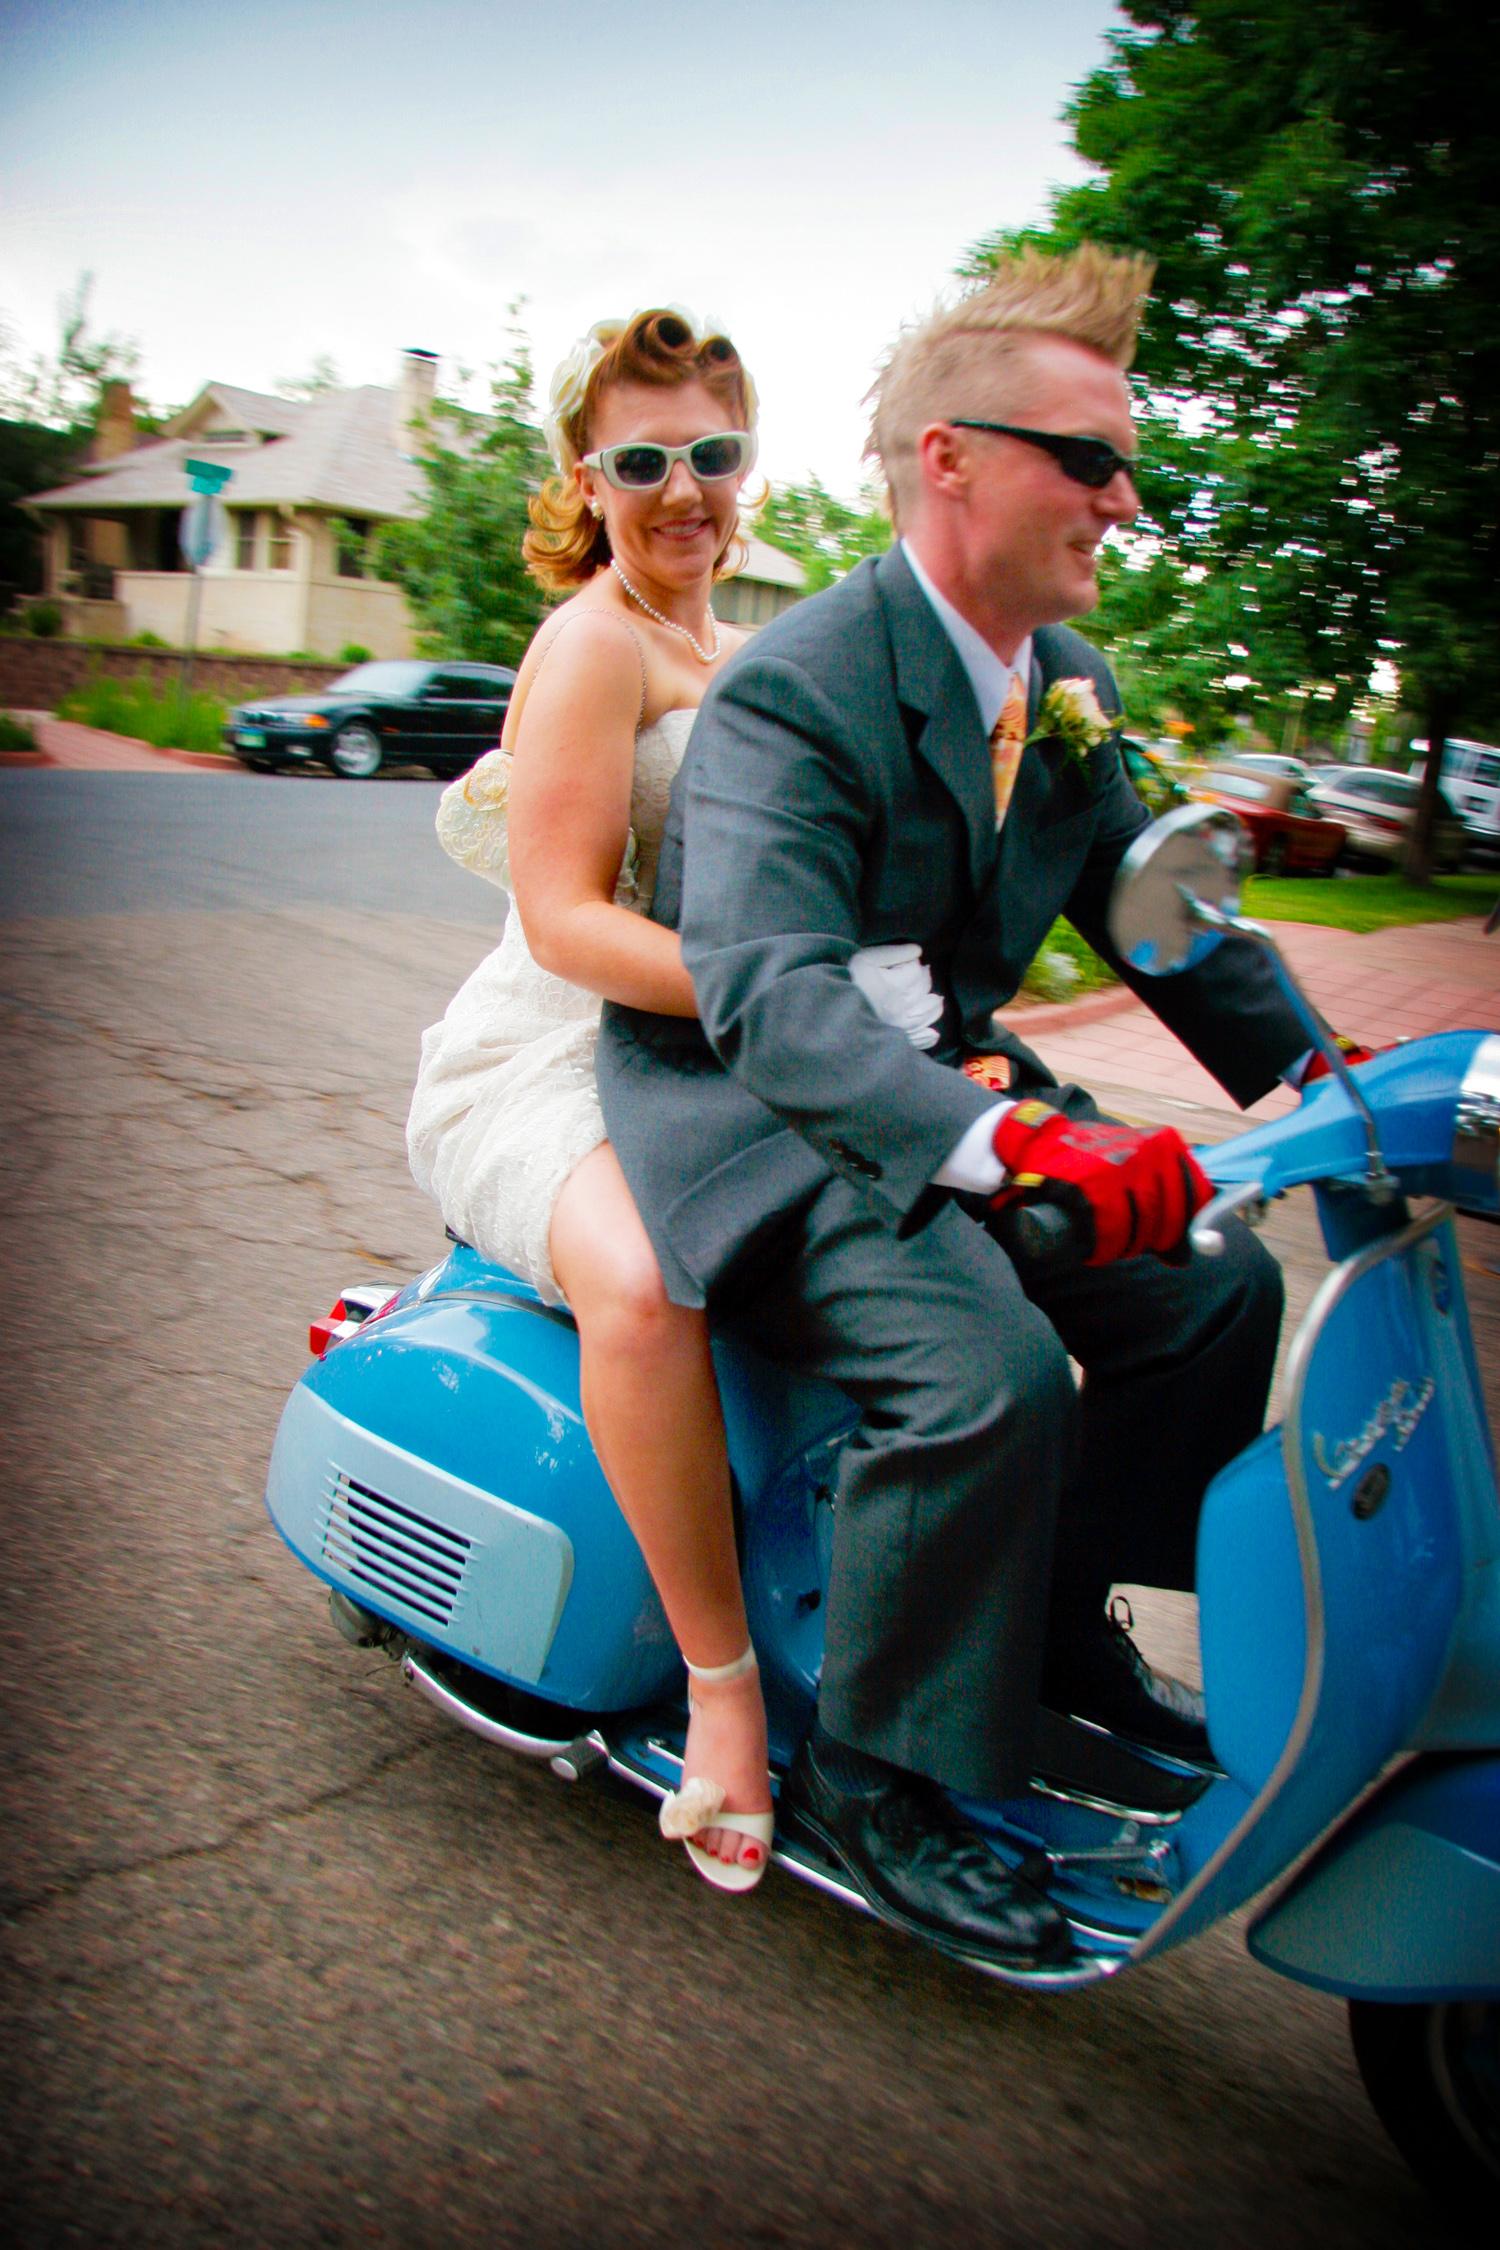 Highlands_Vespa_Denver_Wedding_037.JPG